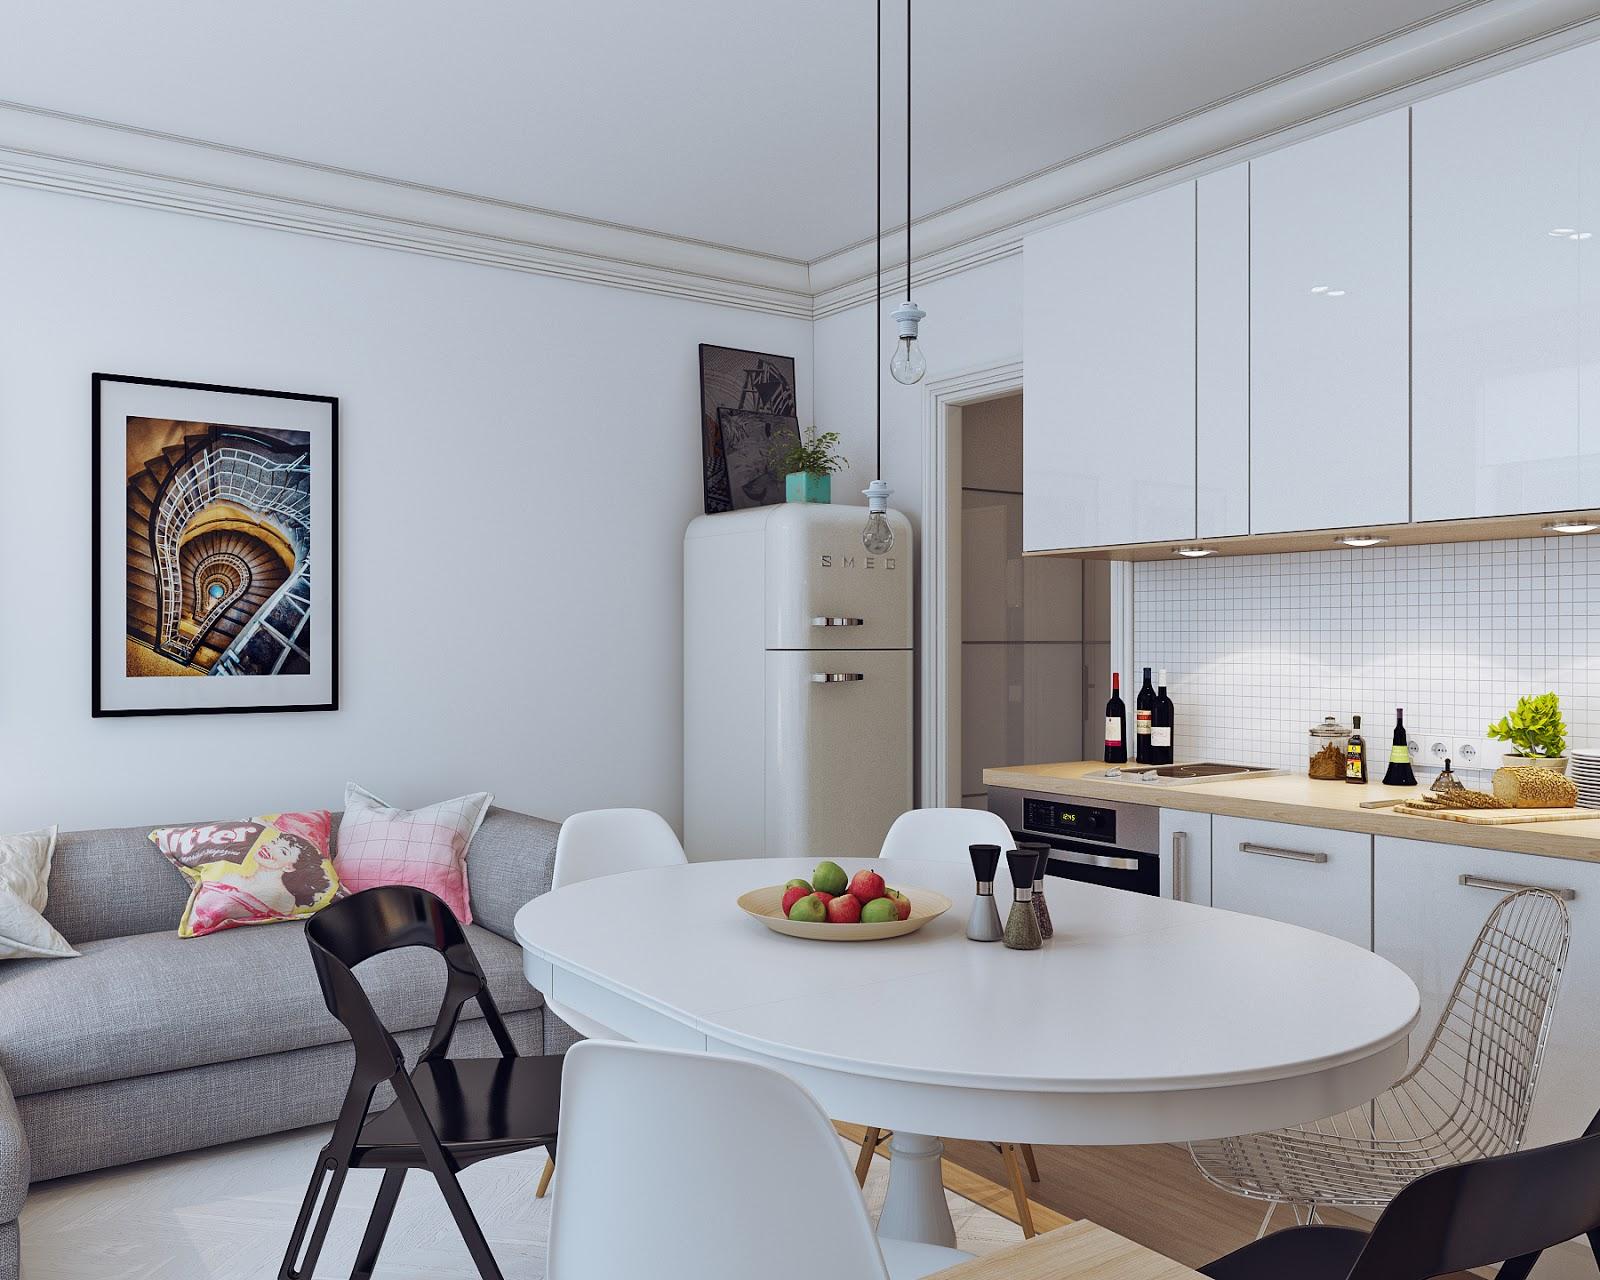 Arredare piccoli spazi giocando con i colori 25 mq - Amueblar apartamento ...